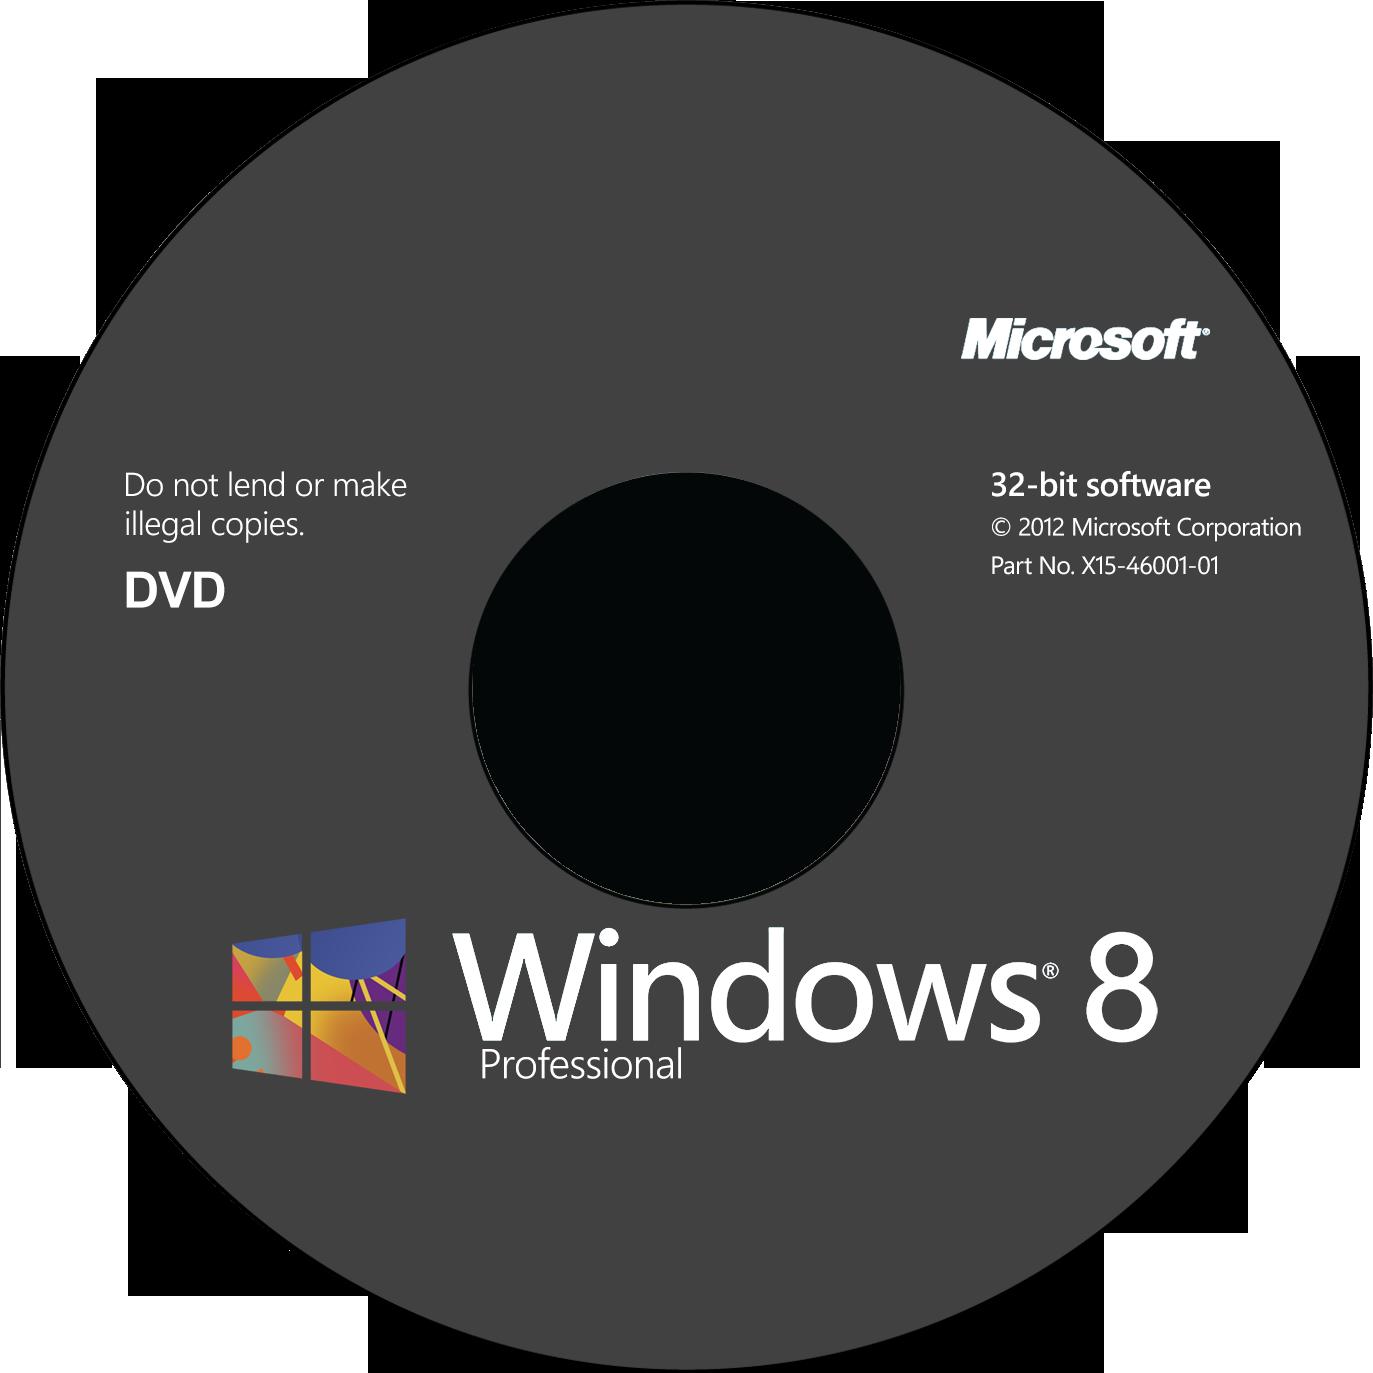 Sử dụng Windows bản quyền để tránh rắc rối với bản dùng thử 30 ngày_2